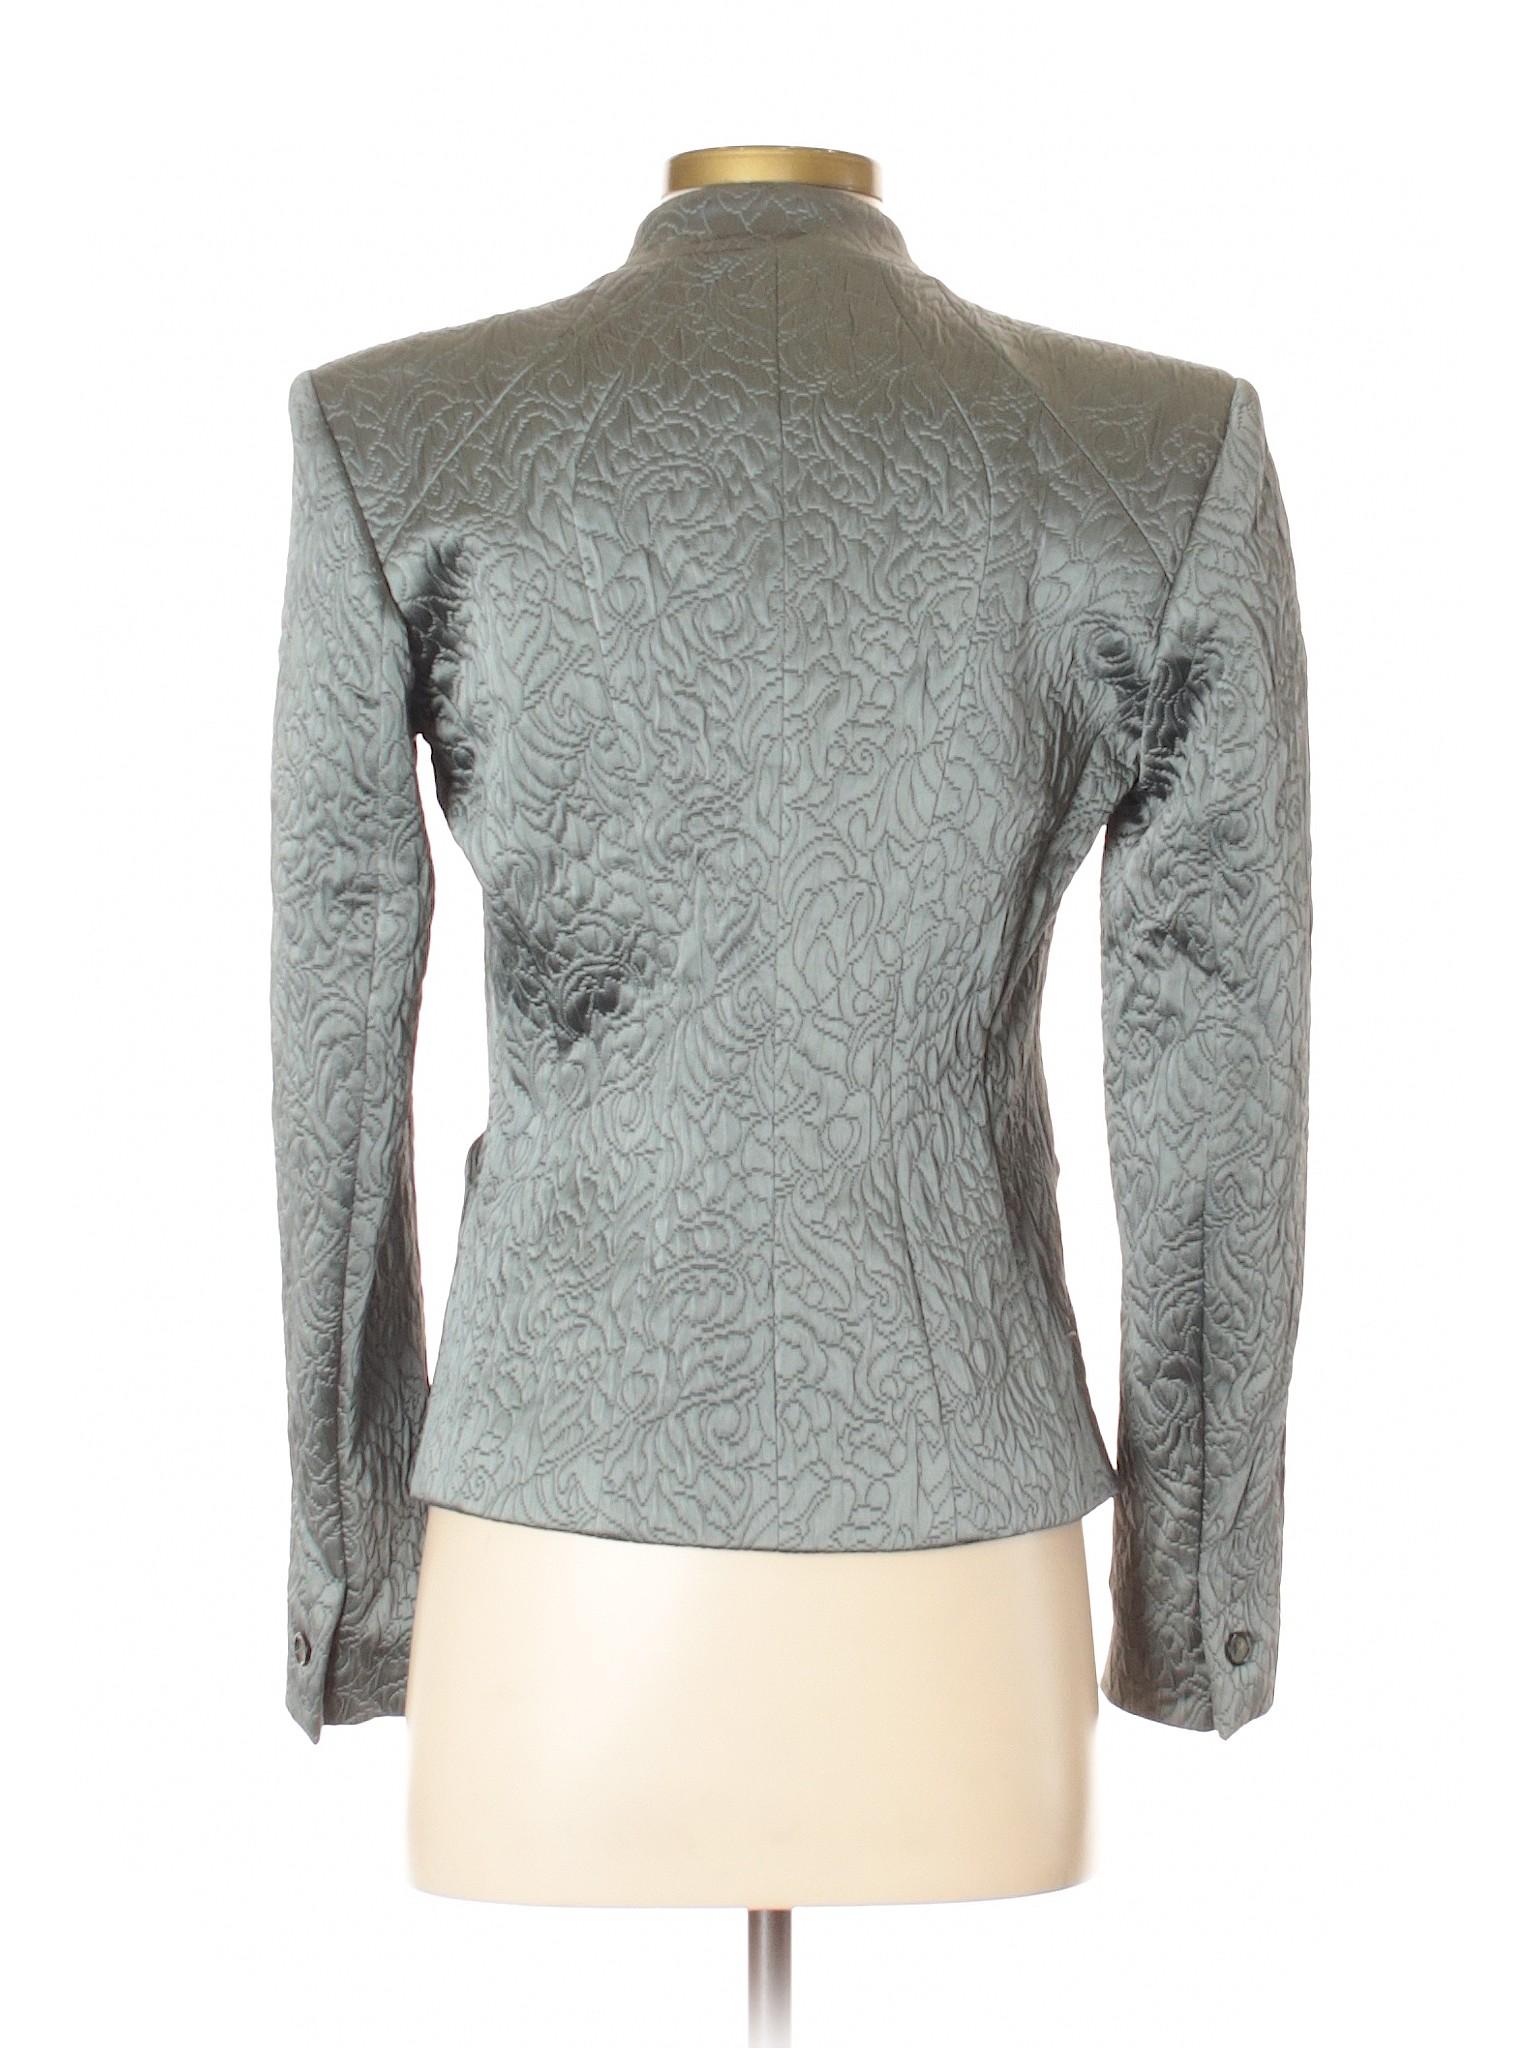 Boutique Reiss Boutique winter Blazer winter qvUqfT